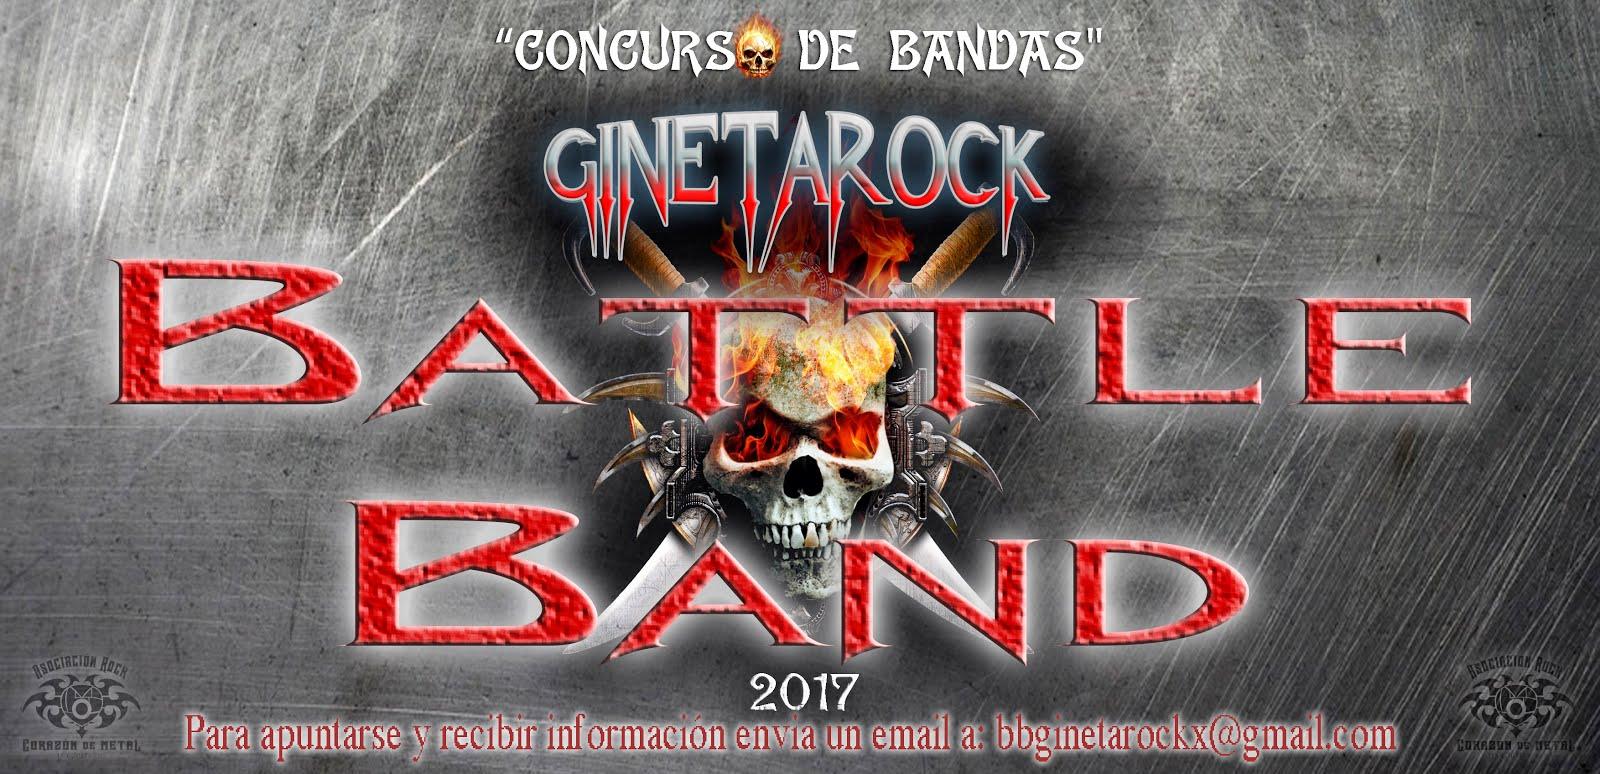 GINETAROCK 2017 · Concurso de Bandas